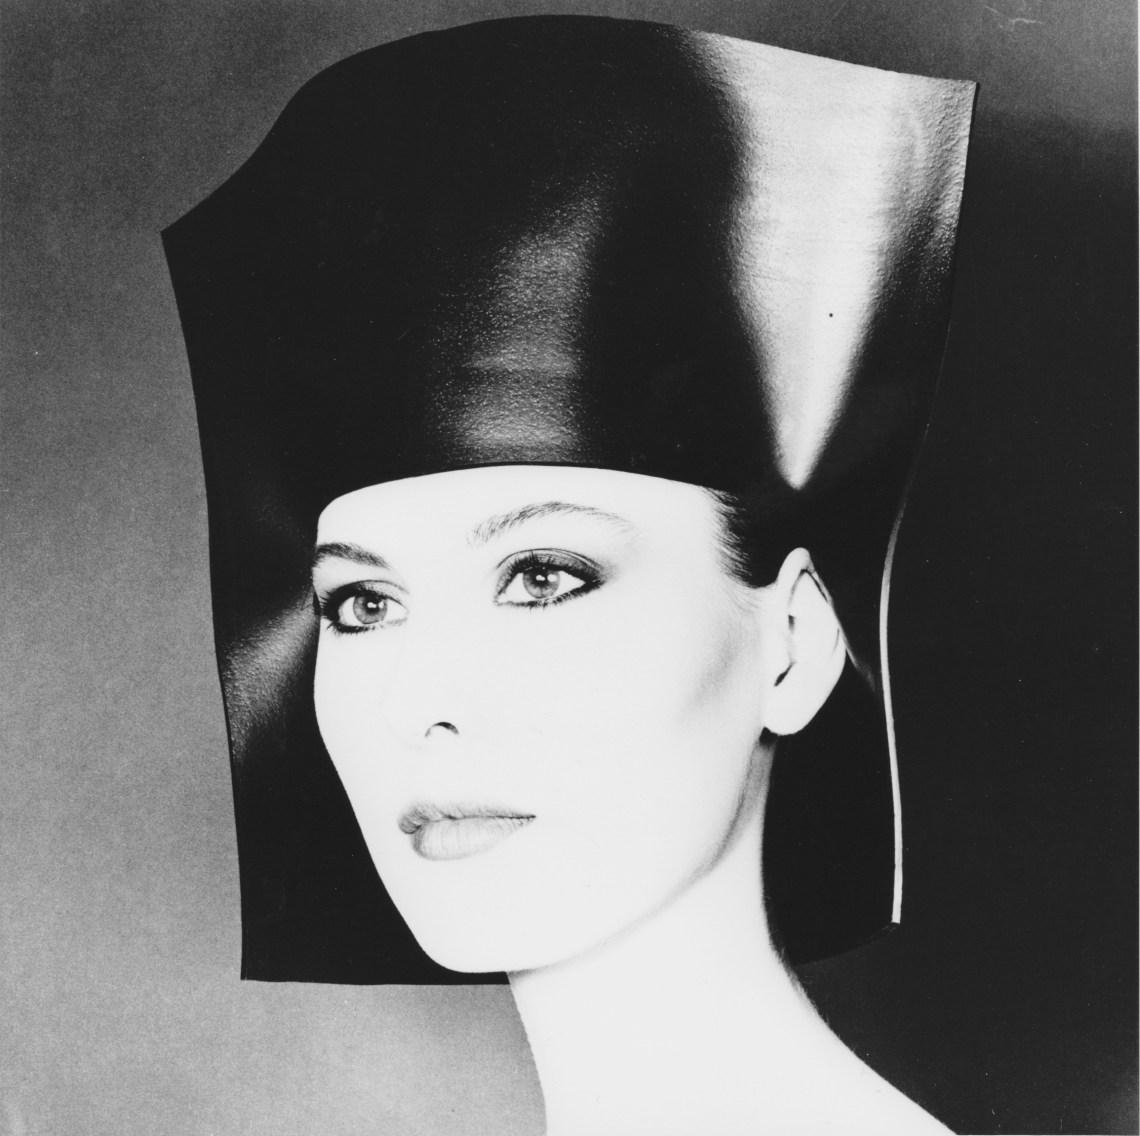 Maria Blaisse, Flexicap 4, 1985-1989, rubber